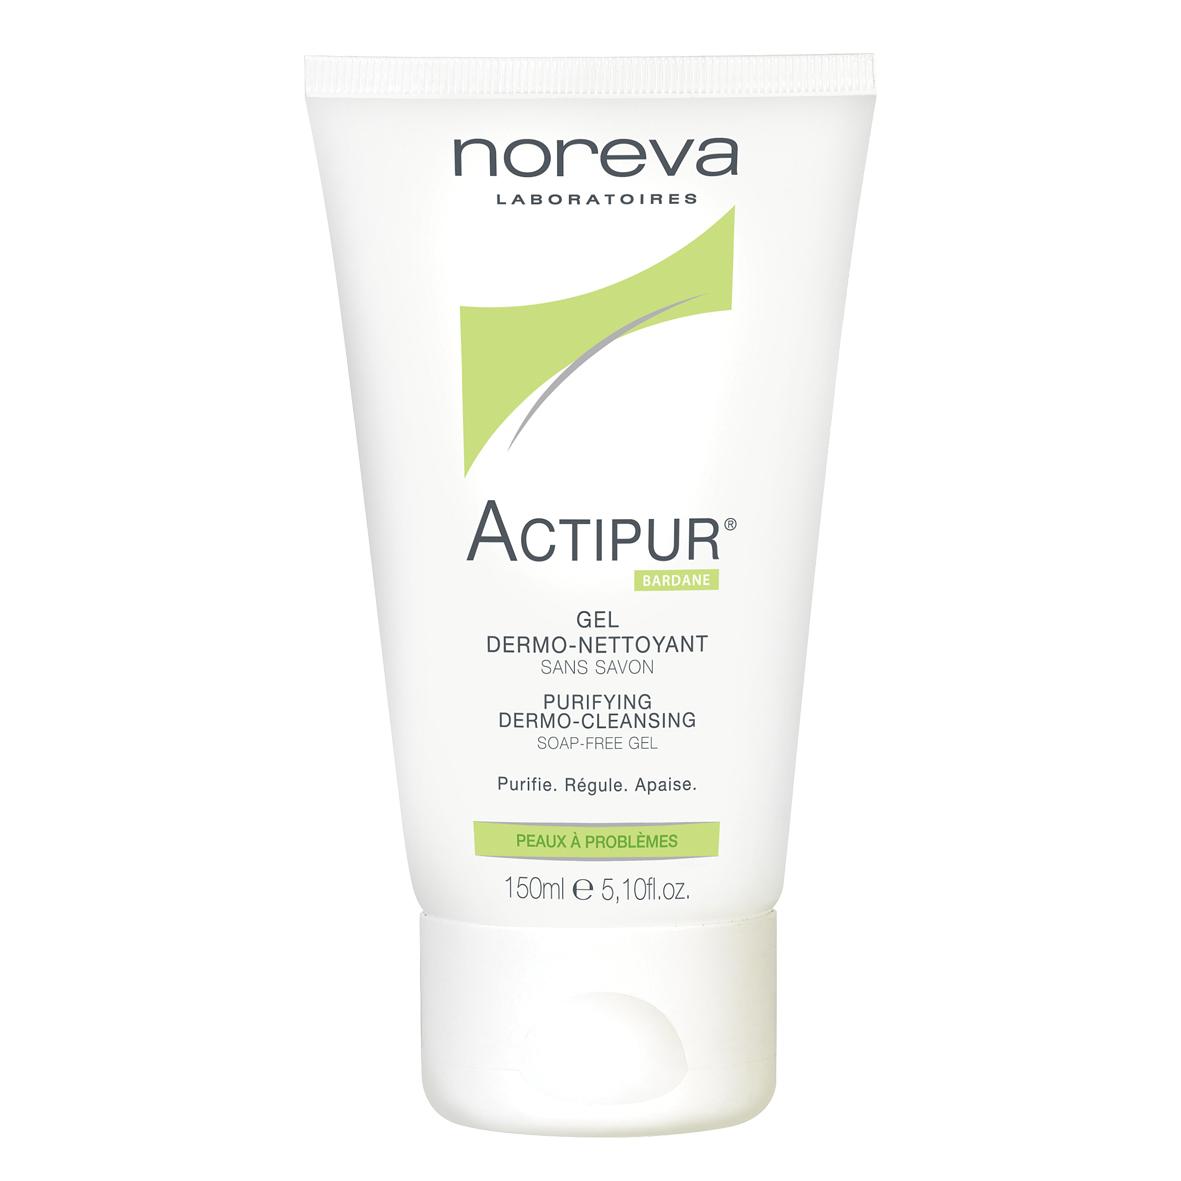 Actipur seboregulatorni gel za higijenu masne i aknama sklone kože